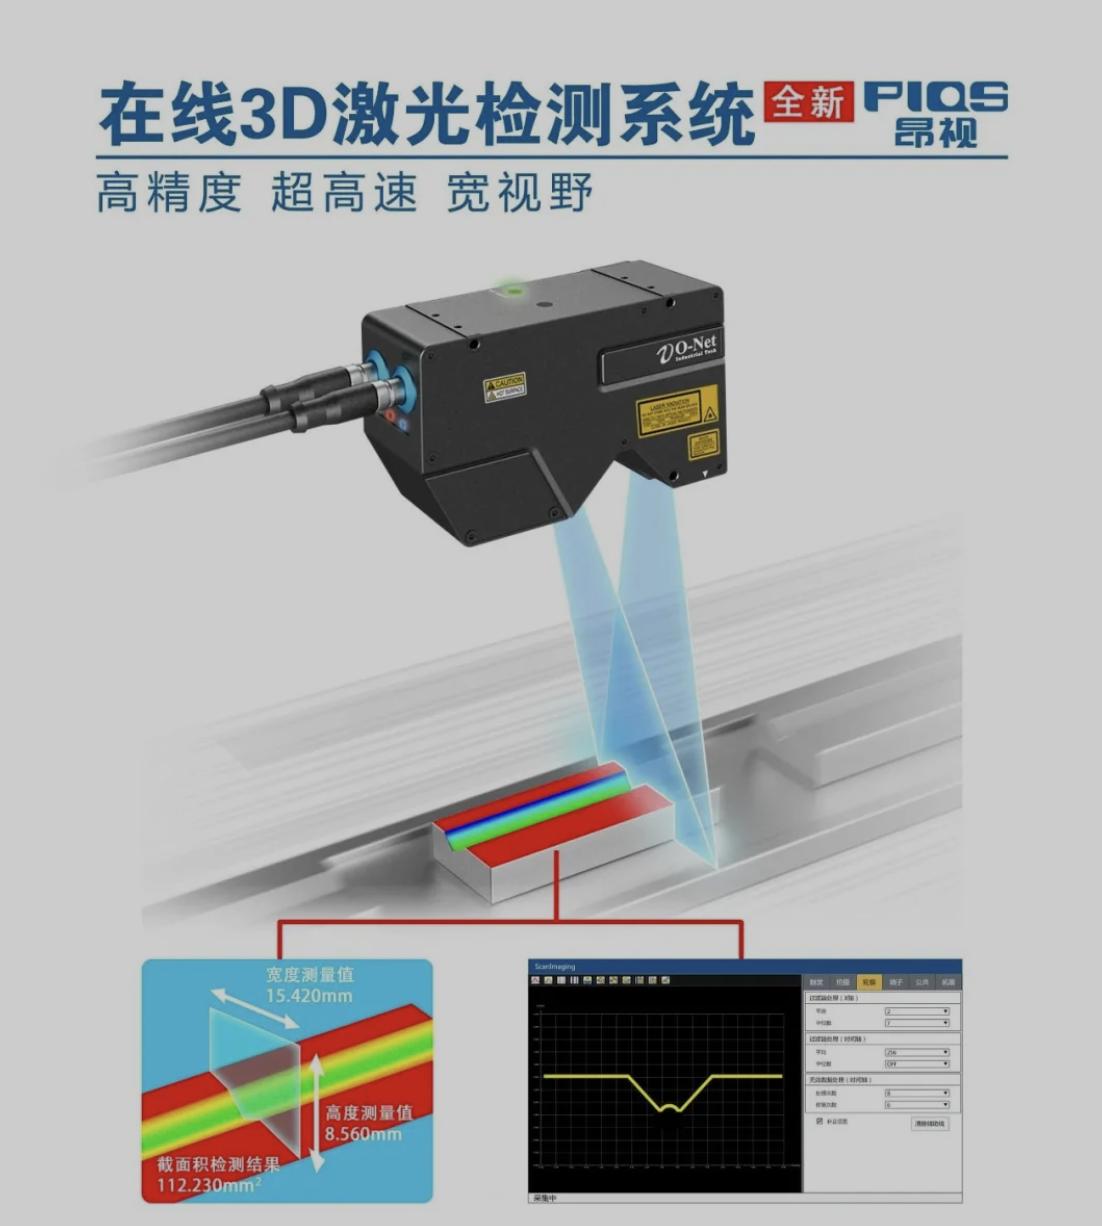 为在线高精度测量场景而生,昂视全新推出3D激光轮廓仪